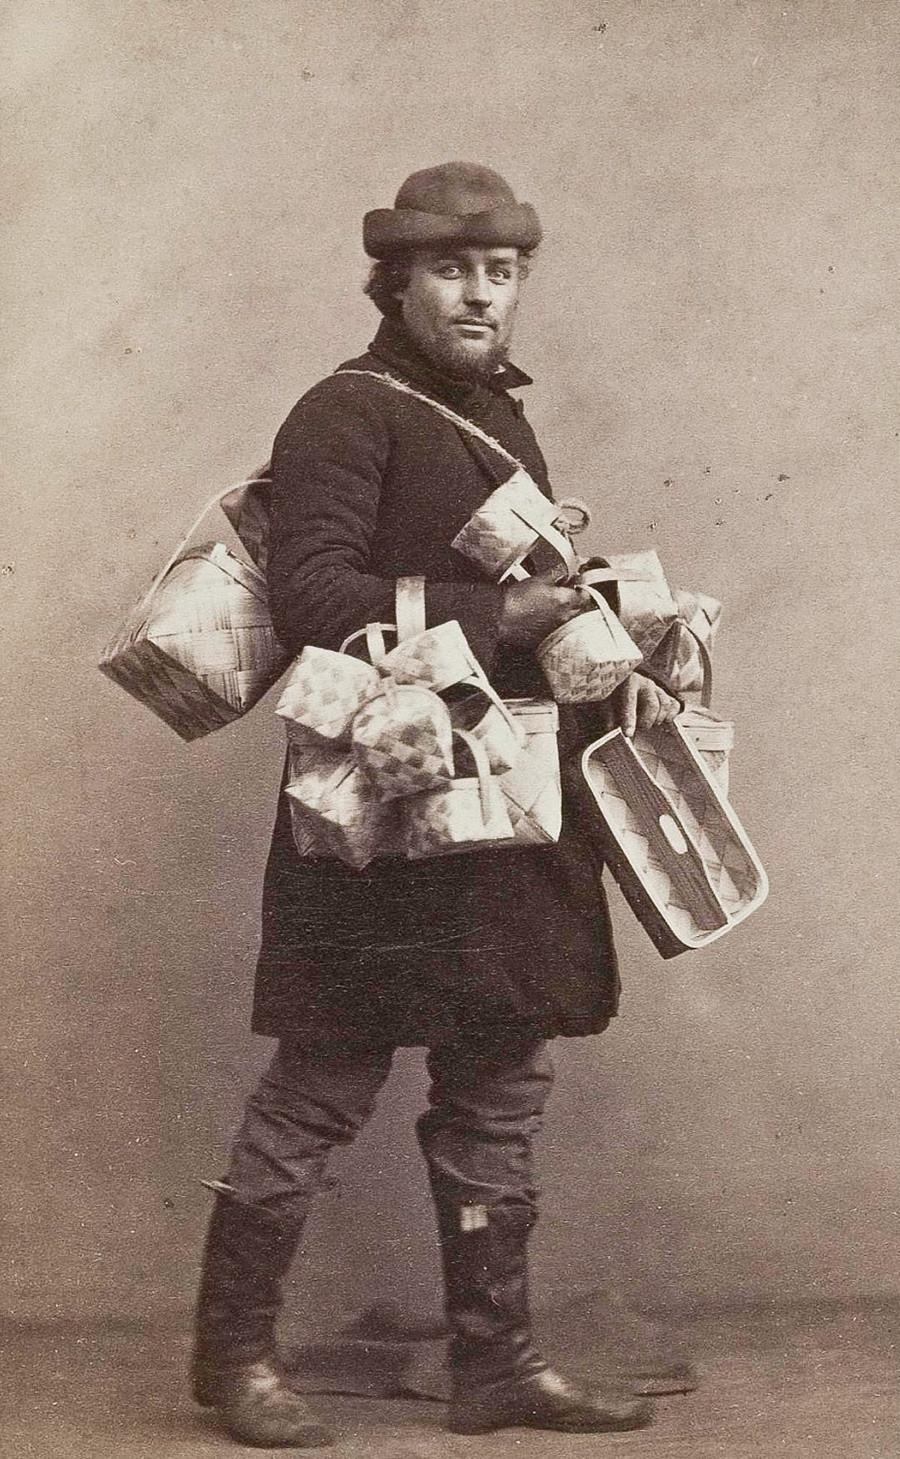 Vendedor ambulante com caixas de casca de bétula